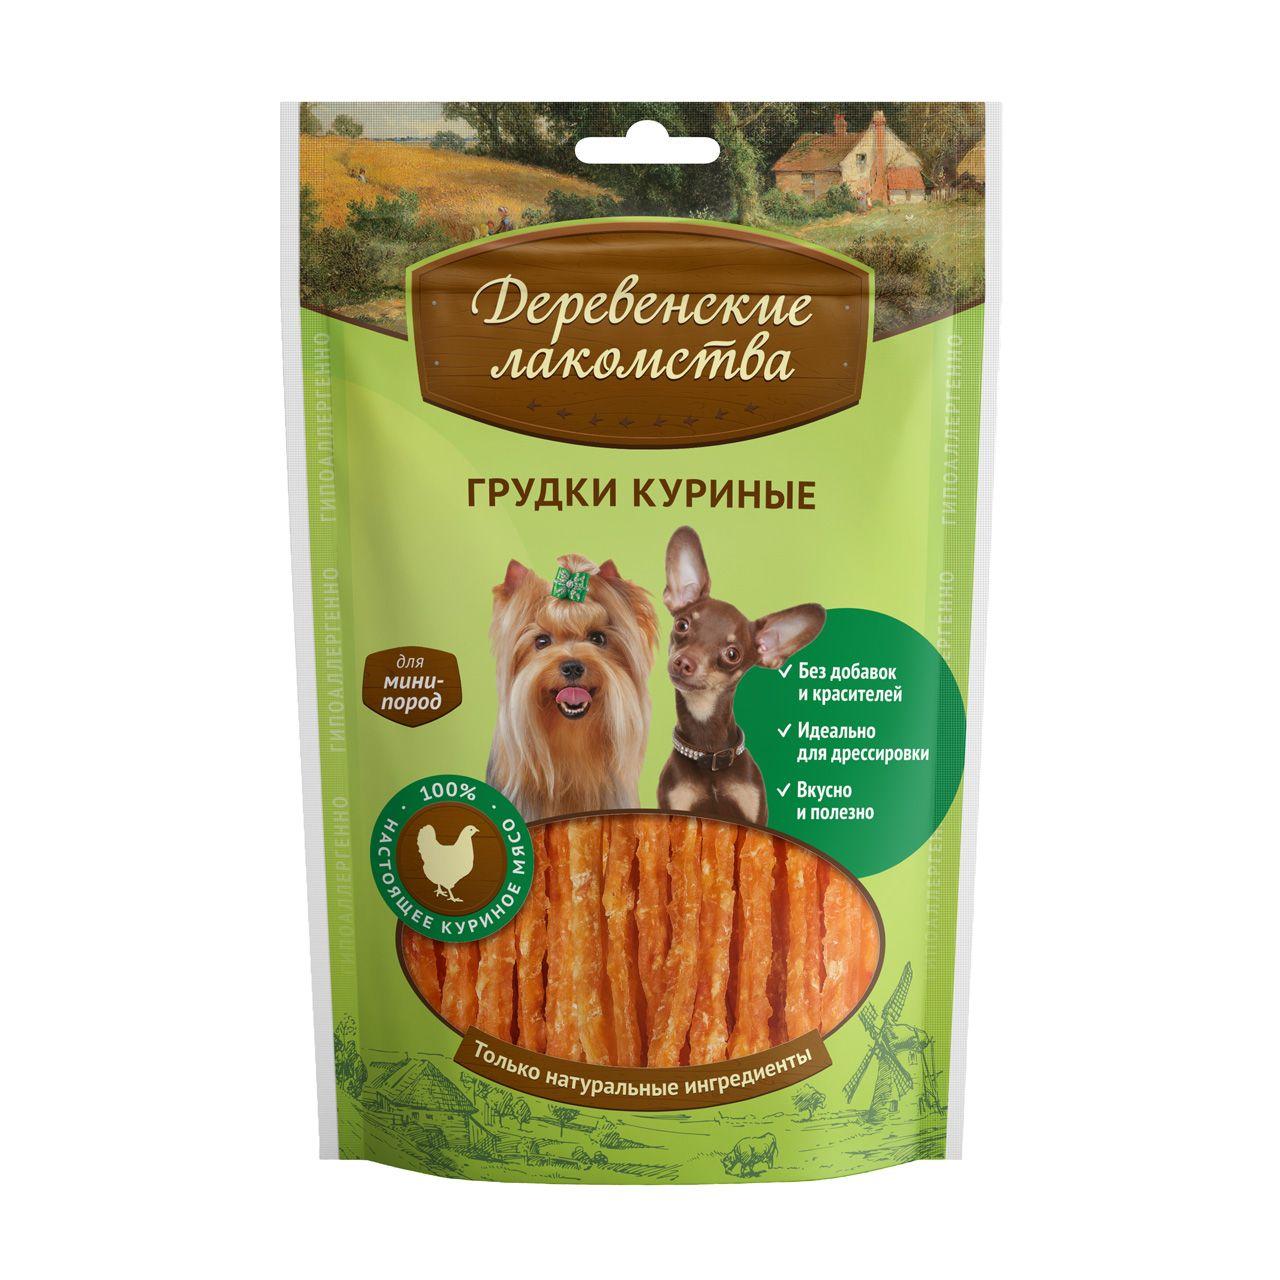 Грудки куриные Деревенские лакомства для собак мини-пород